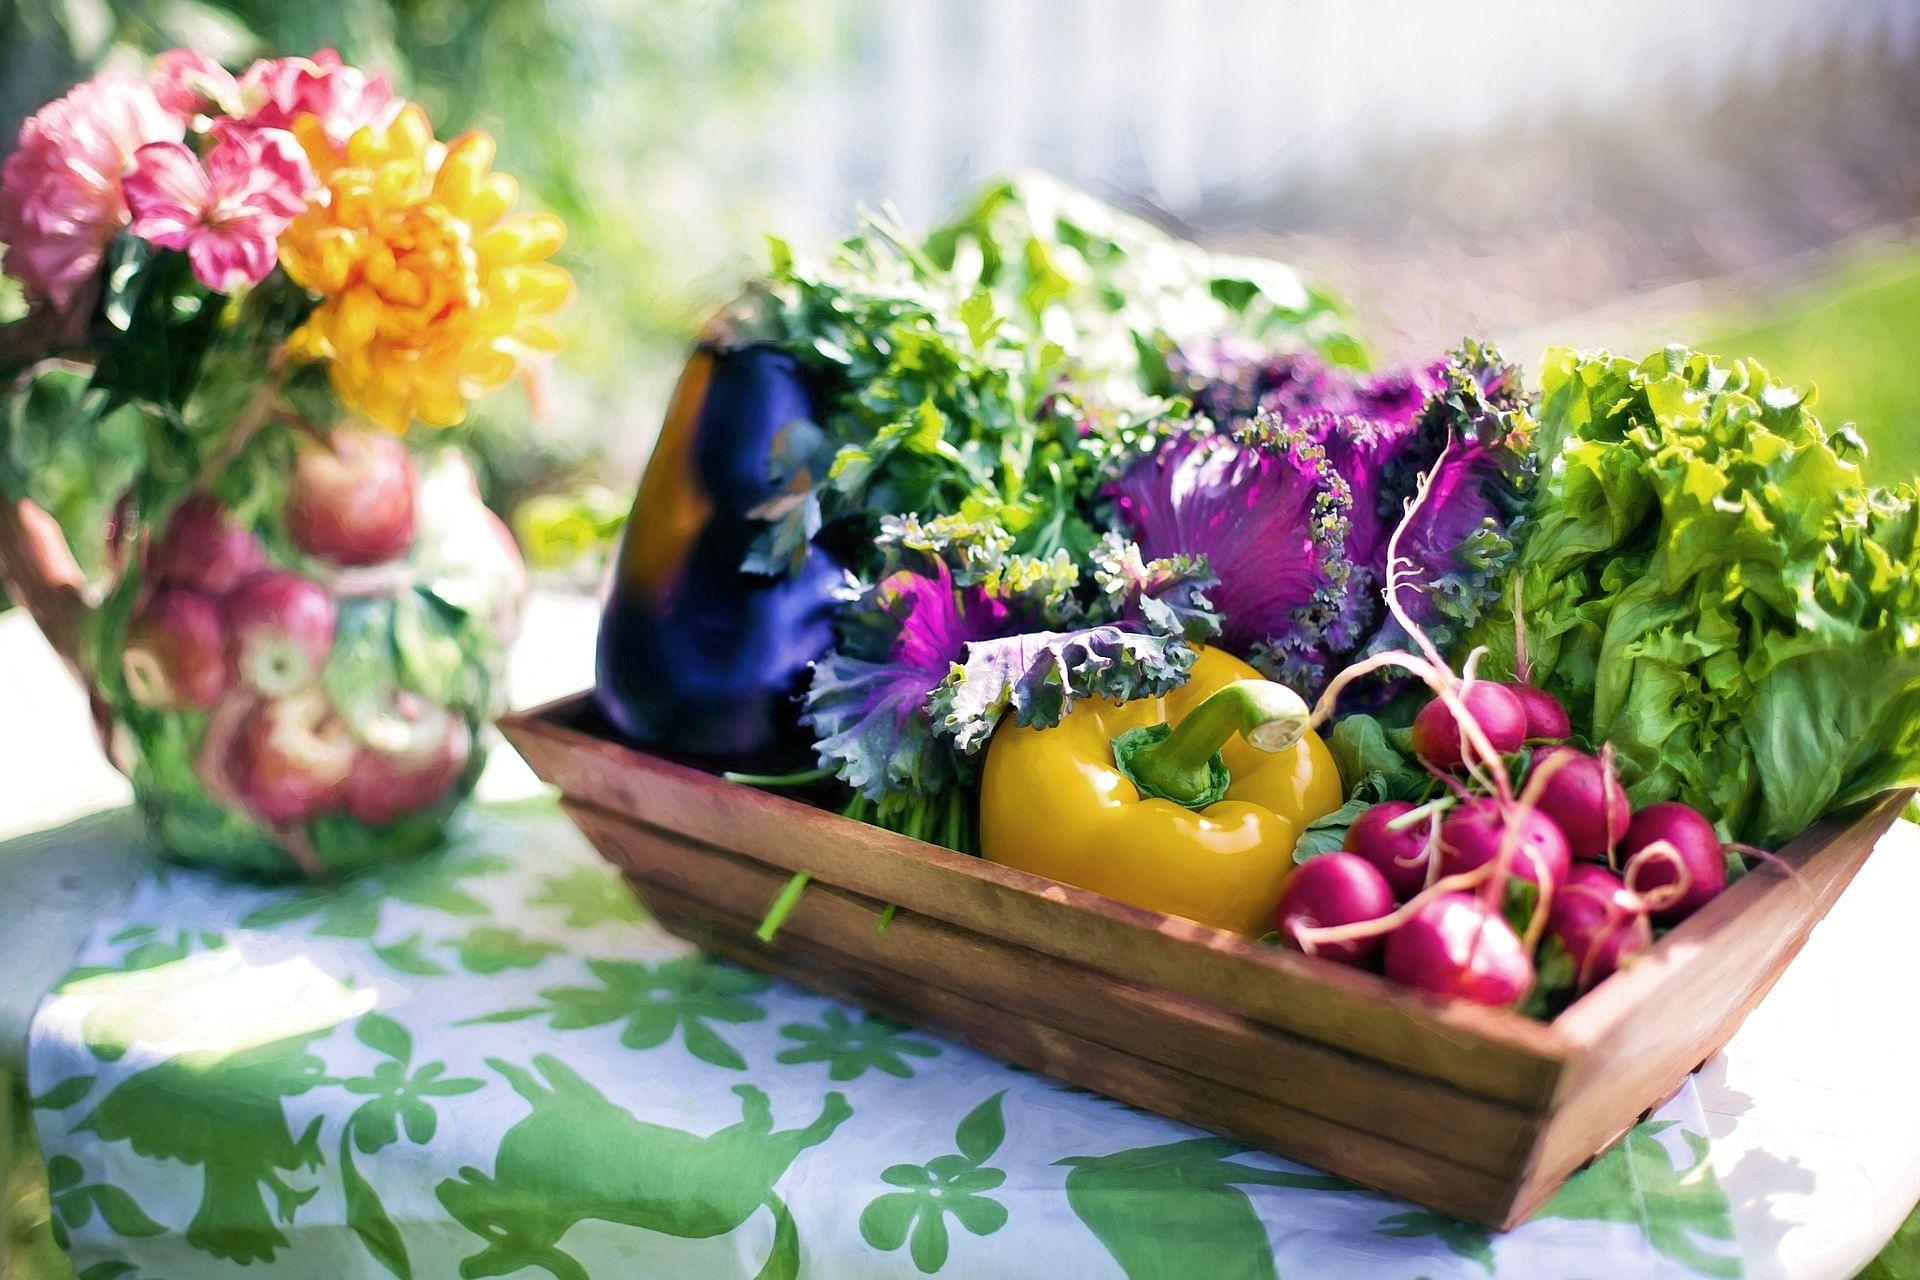 vegetables-790021_1920